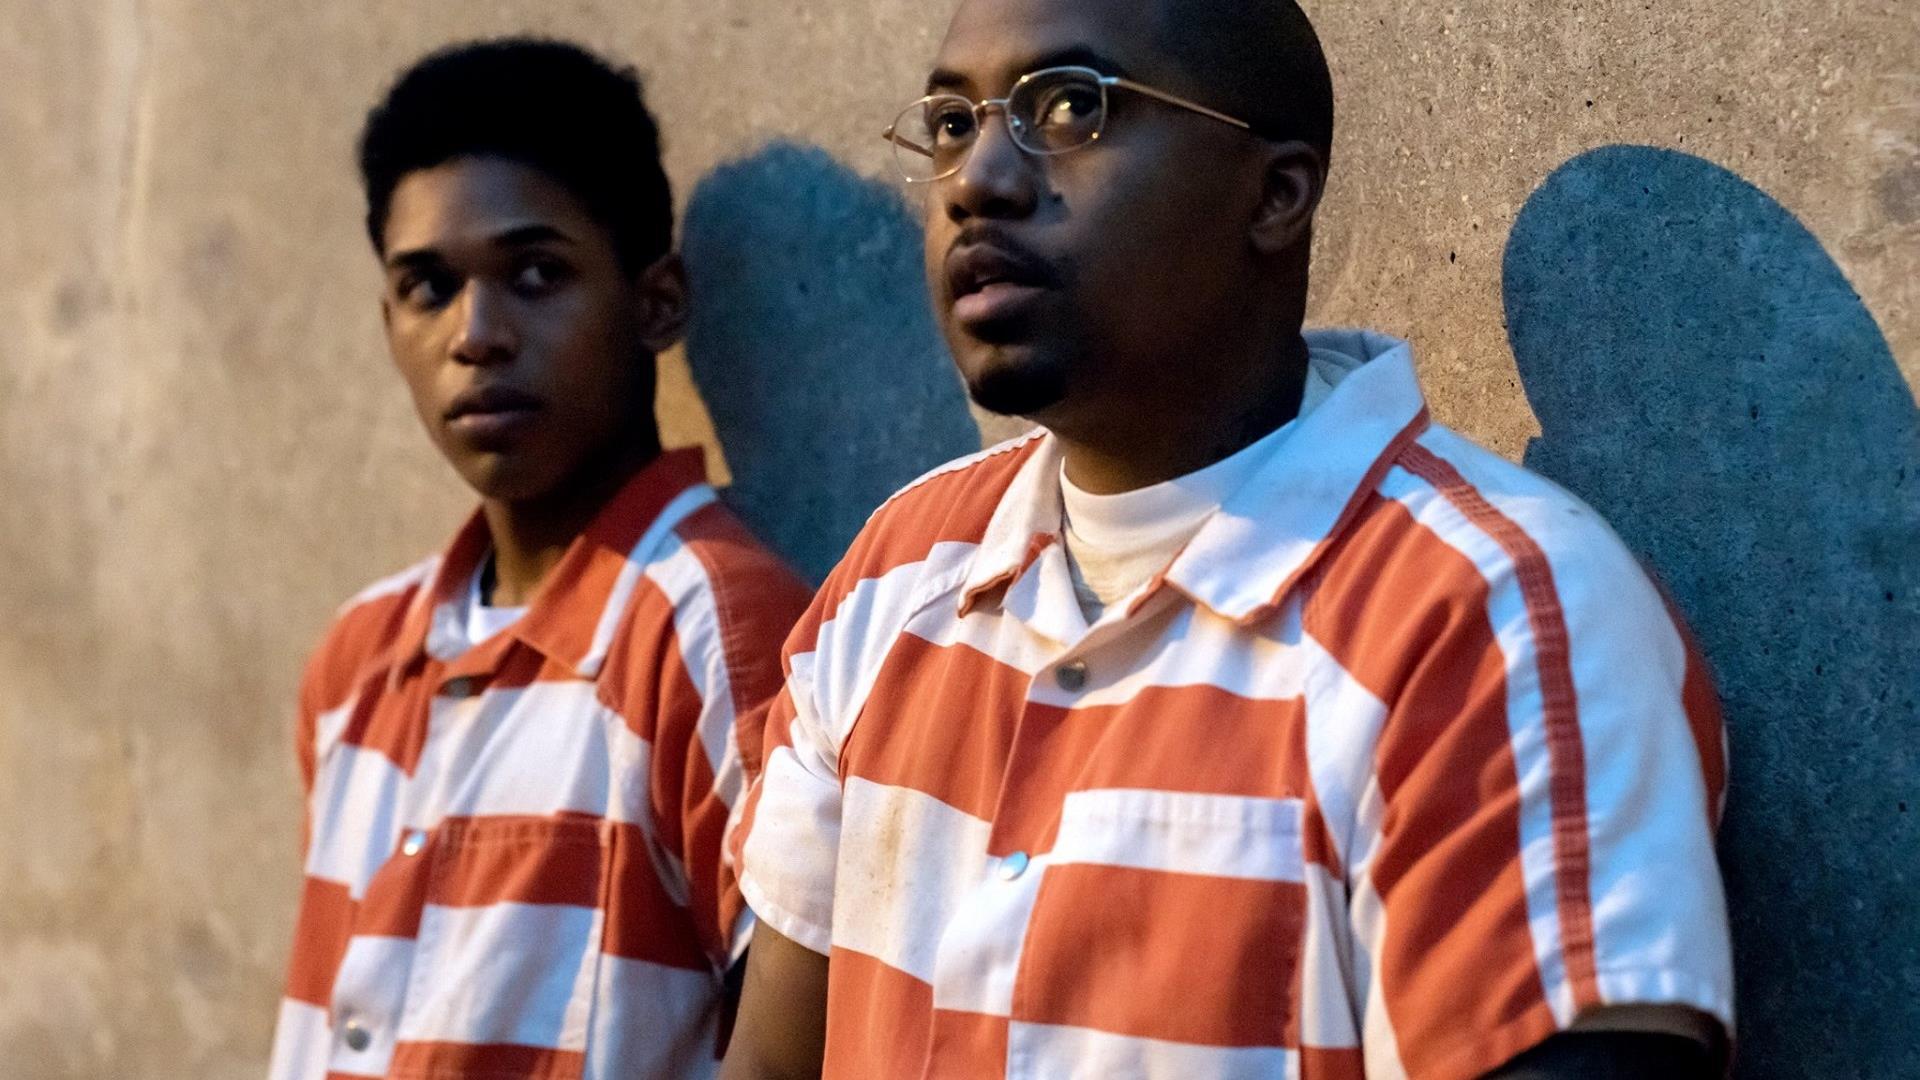 Monster e altre storie di lotte per la giustizia: i consigli di oltre 20 film da guardare, per riflettere